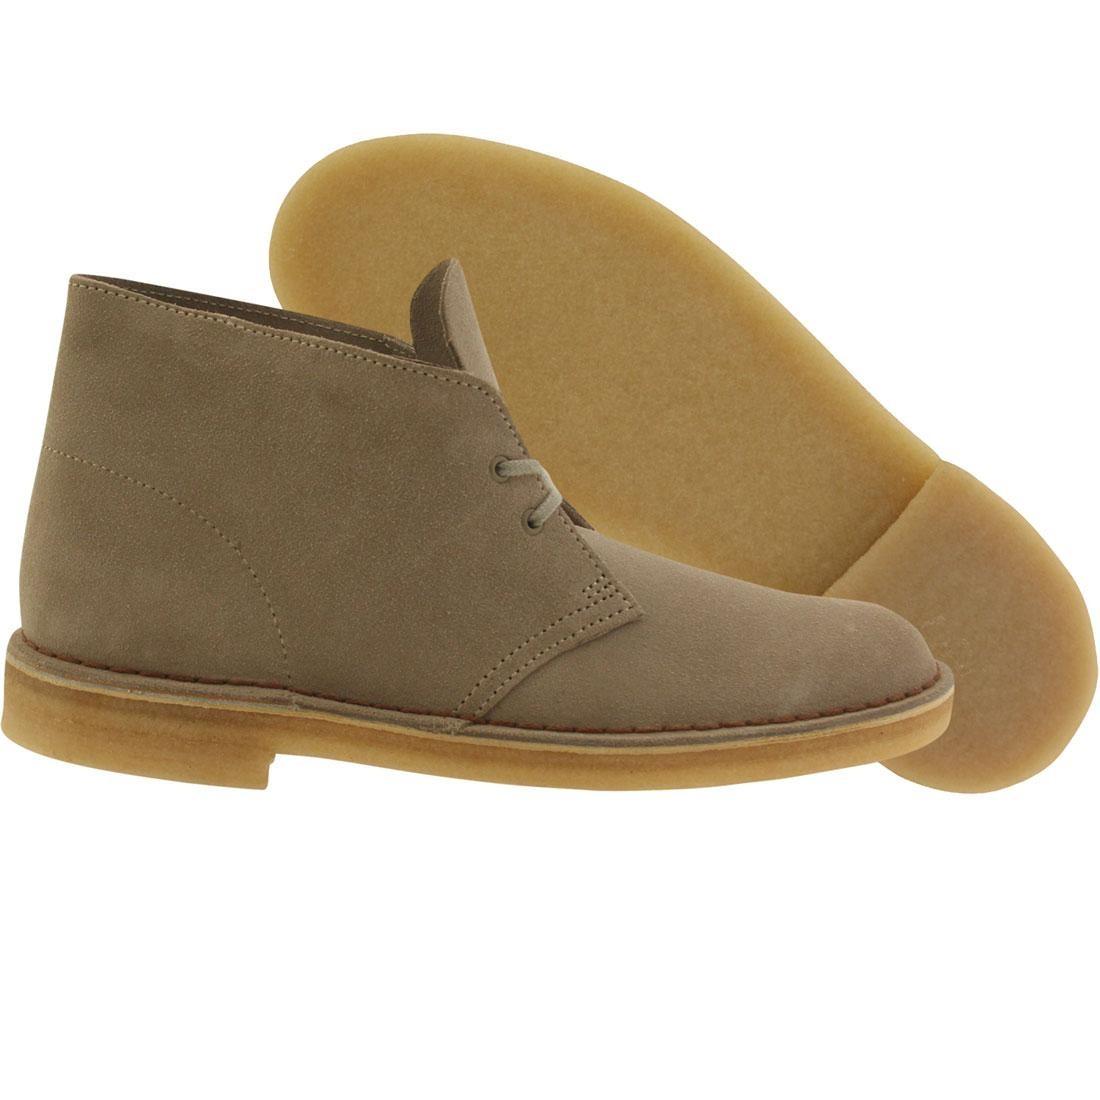 【海外限定】クラークス ブーツ 砂色 サンド メンズ靴 靴 【 CLARKS MEN DESERT BOOT TAN SAND SUEDE 】